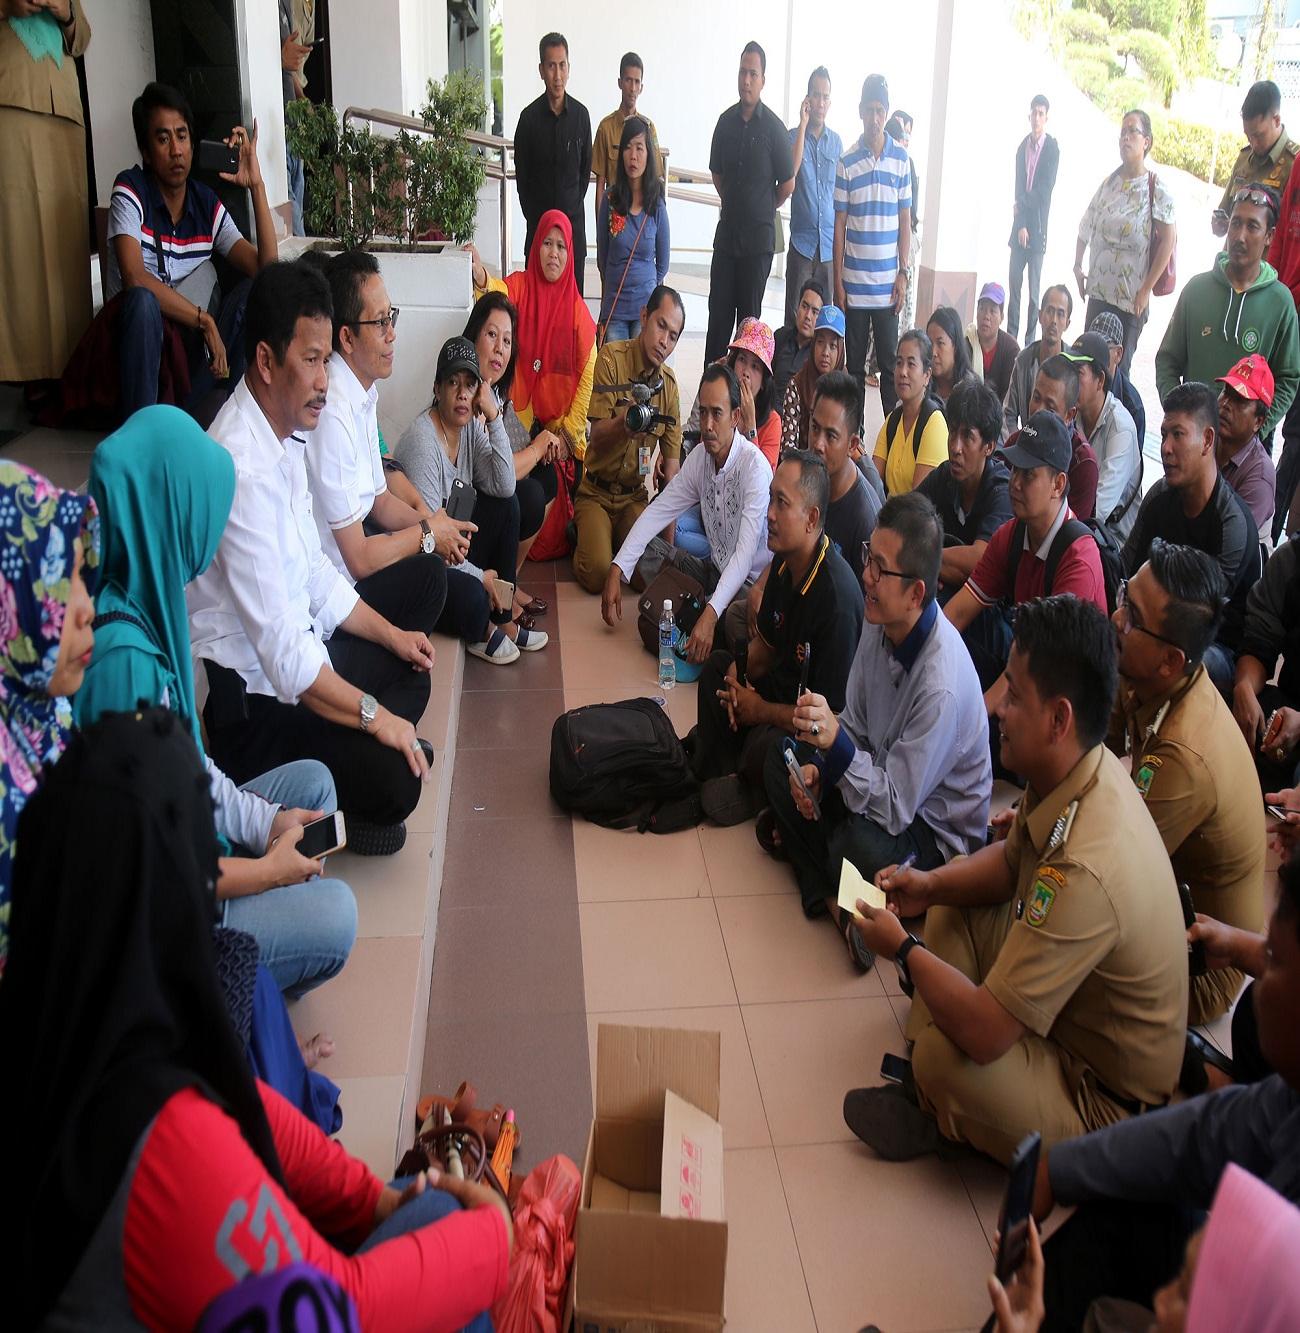 Walikota dan Wakil Walikota Batam saat menerima Aspirasi Warga di teras Kantor Walikota Batam.